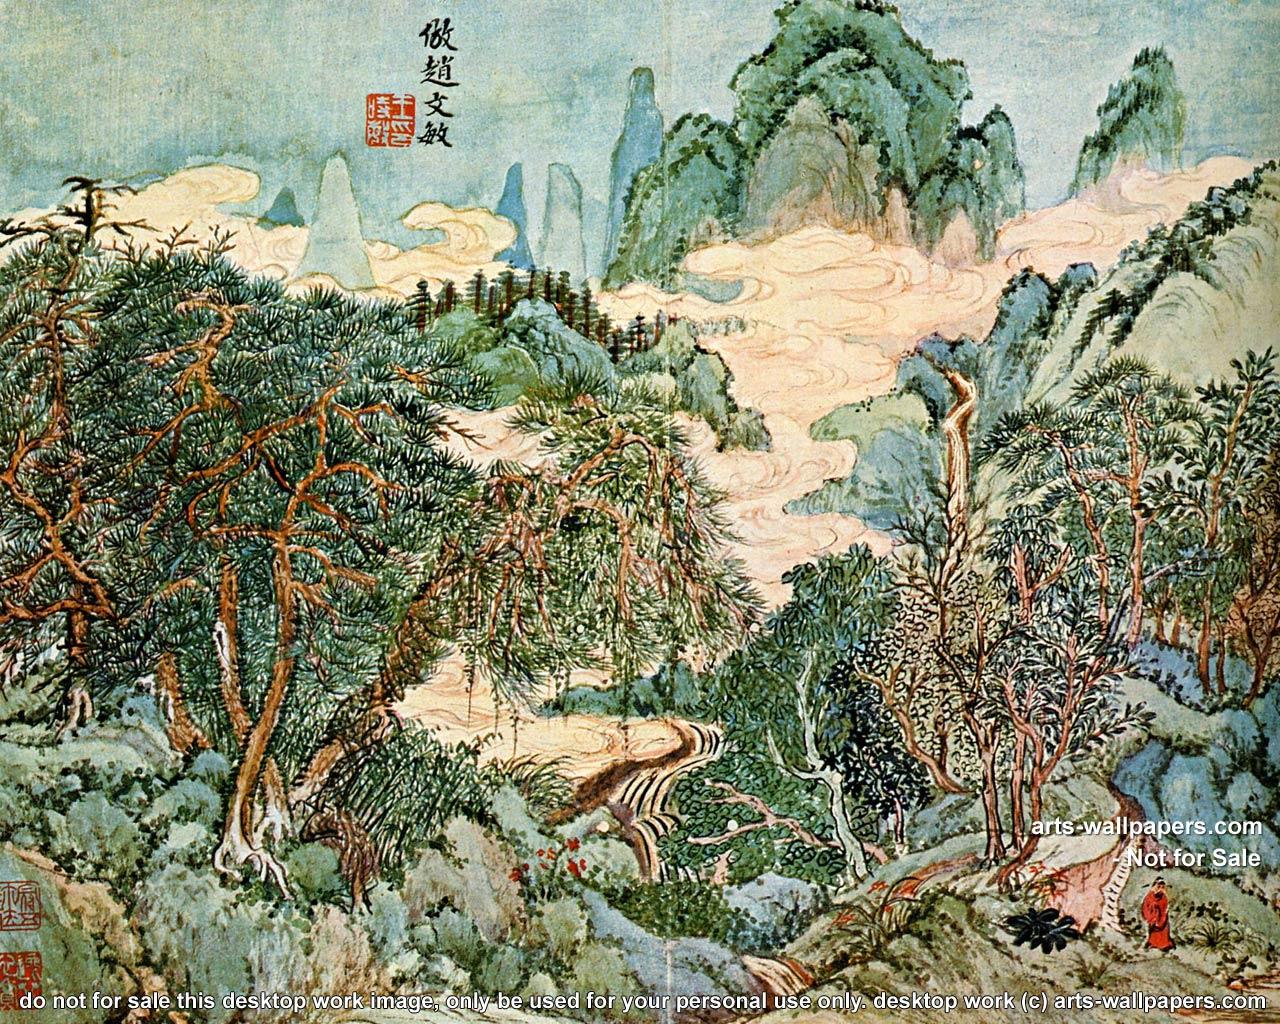 asian art wallpaper (9)